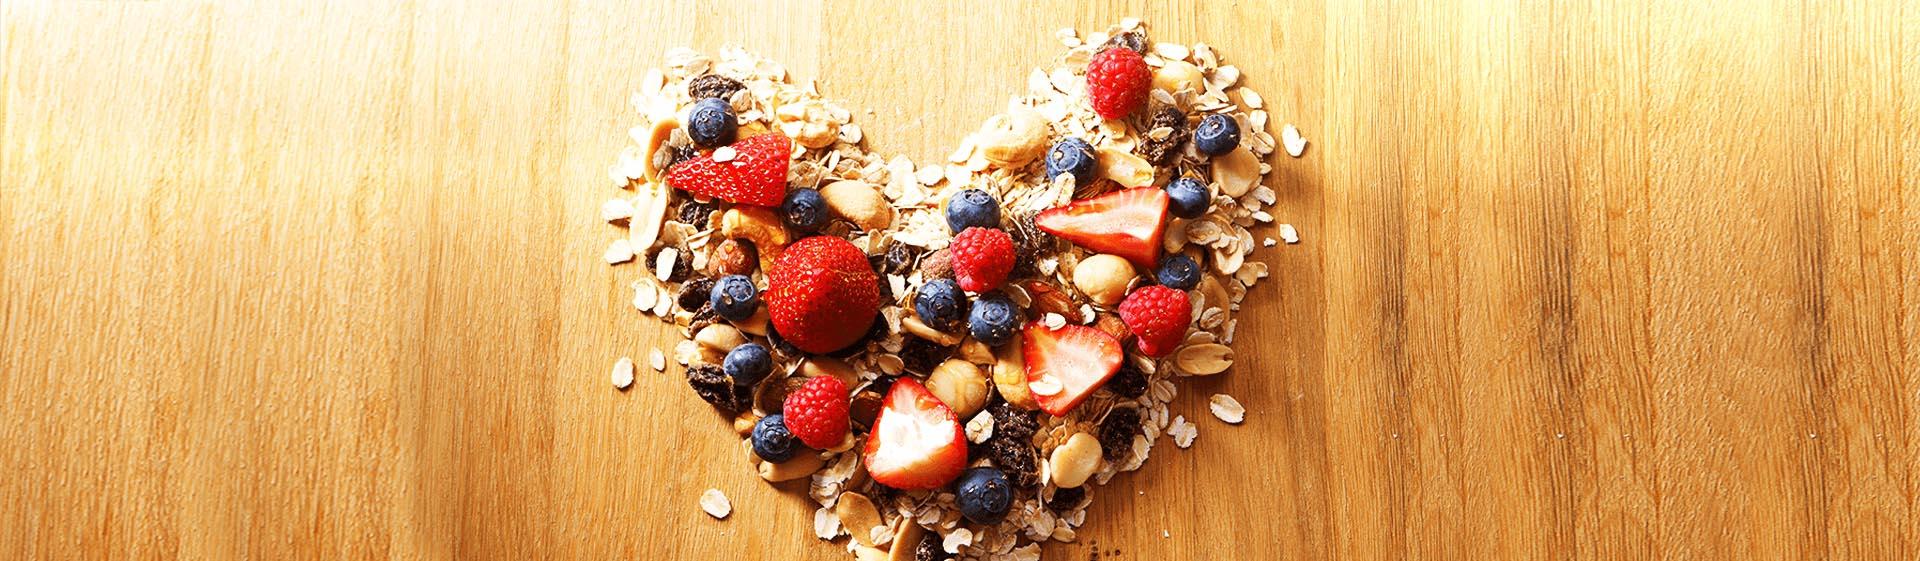 colanta funciona productos funcionales para el bienestar del cuerpo y buen funcionamiento